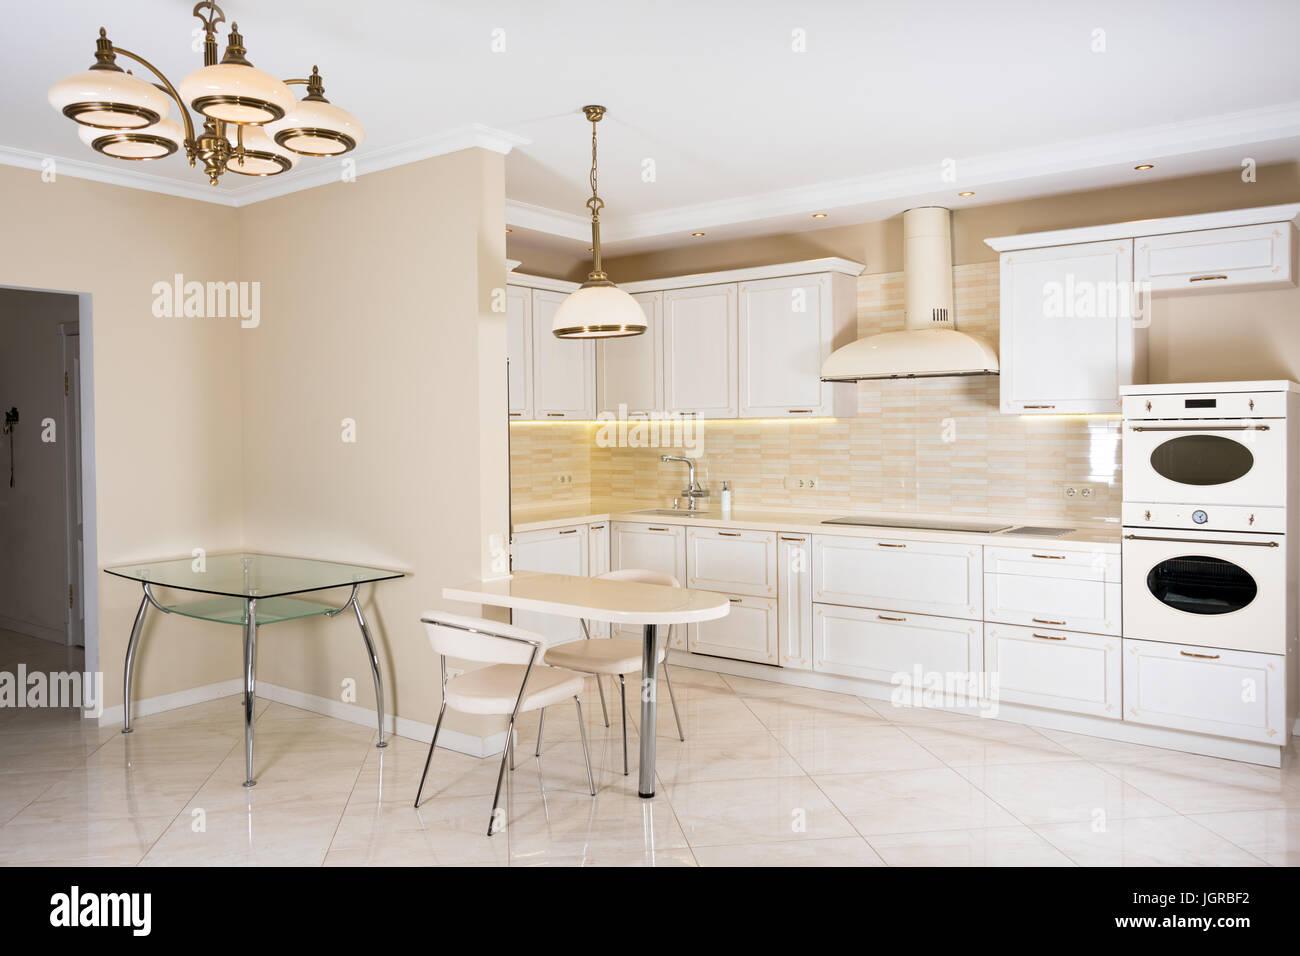 Moderne, Helle, Saubere Küche Interieur In Einem Luxushaus. Interior Design  Mit Klassischen Oder Vintage Elemente. Praktische, Gut Ausgestattete Küche.